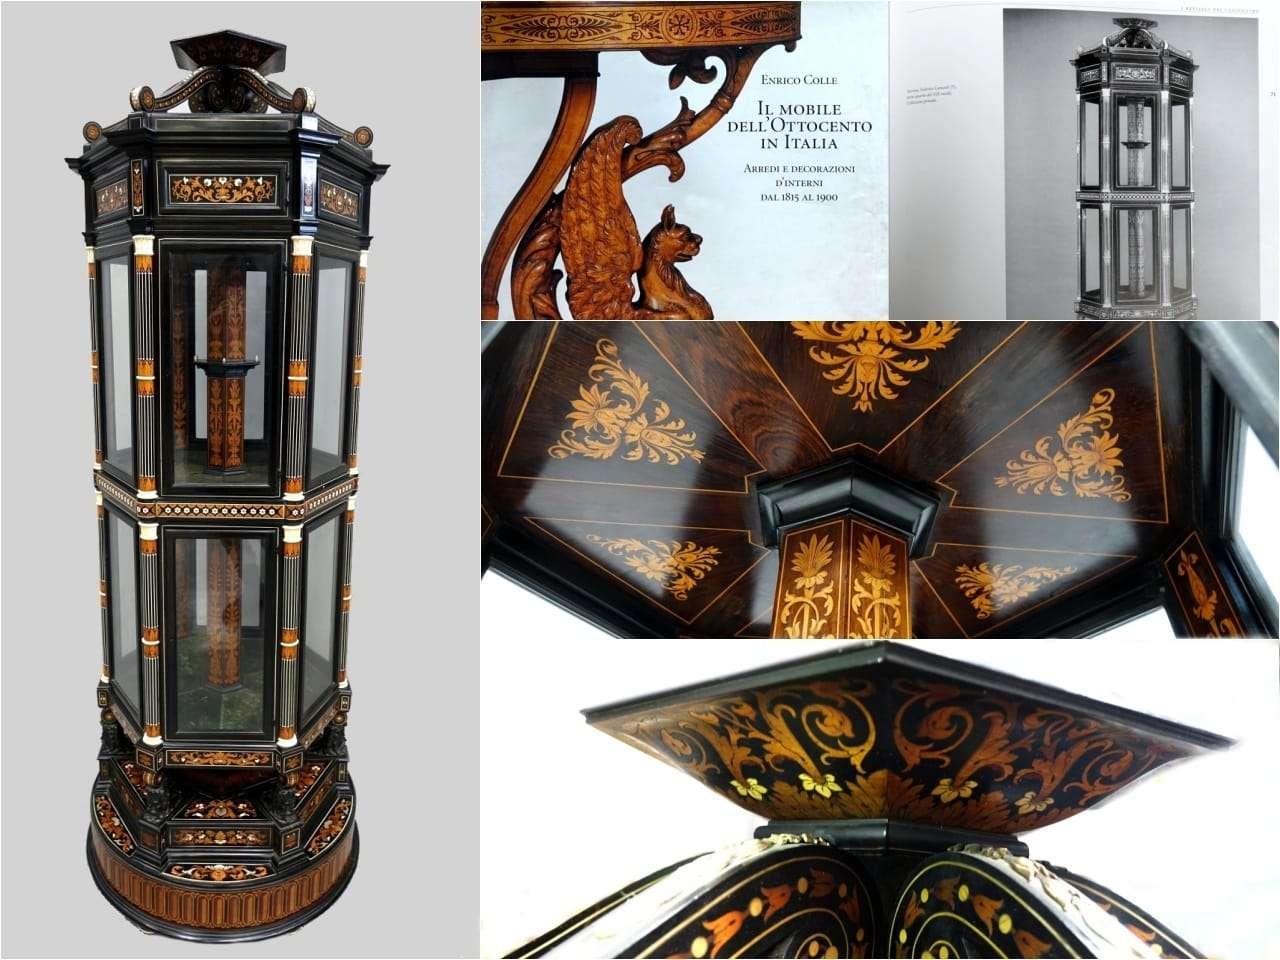 Irripetibile Vetrina a colonna espositore museale opera di Federico Lancetti